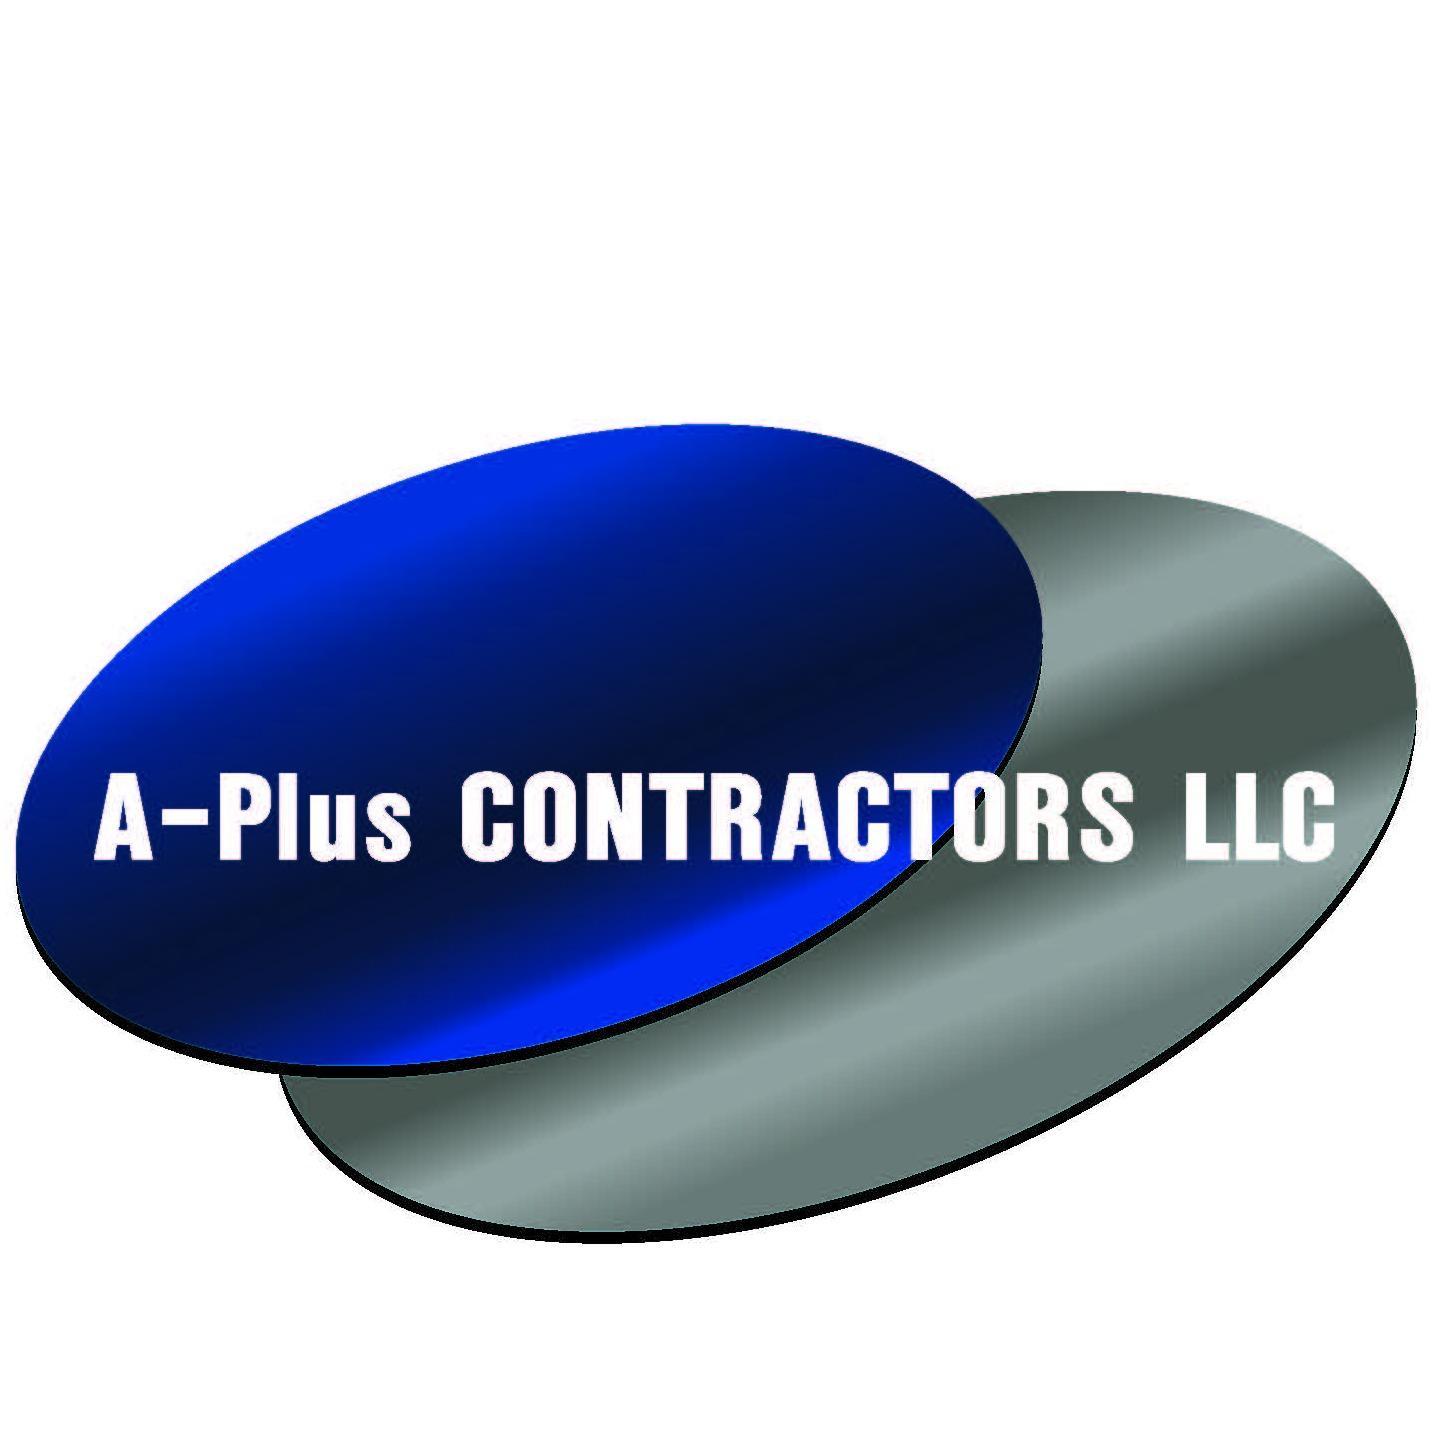 A-Plus Contractors LLC